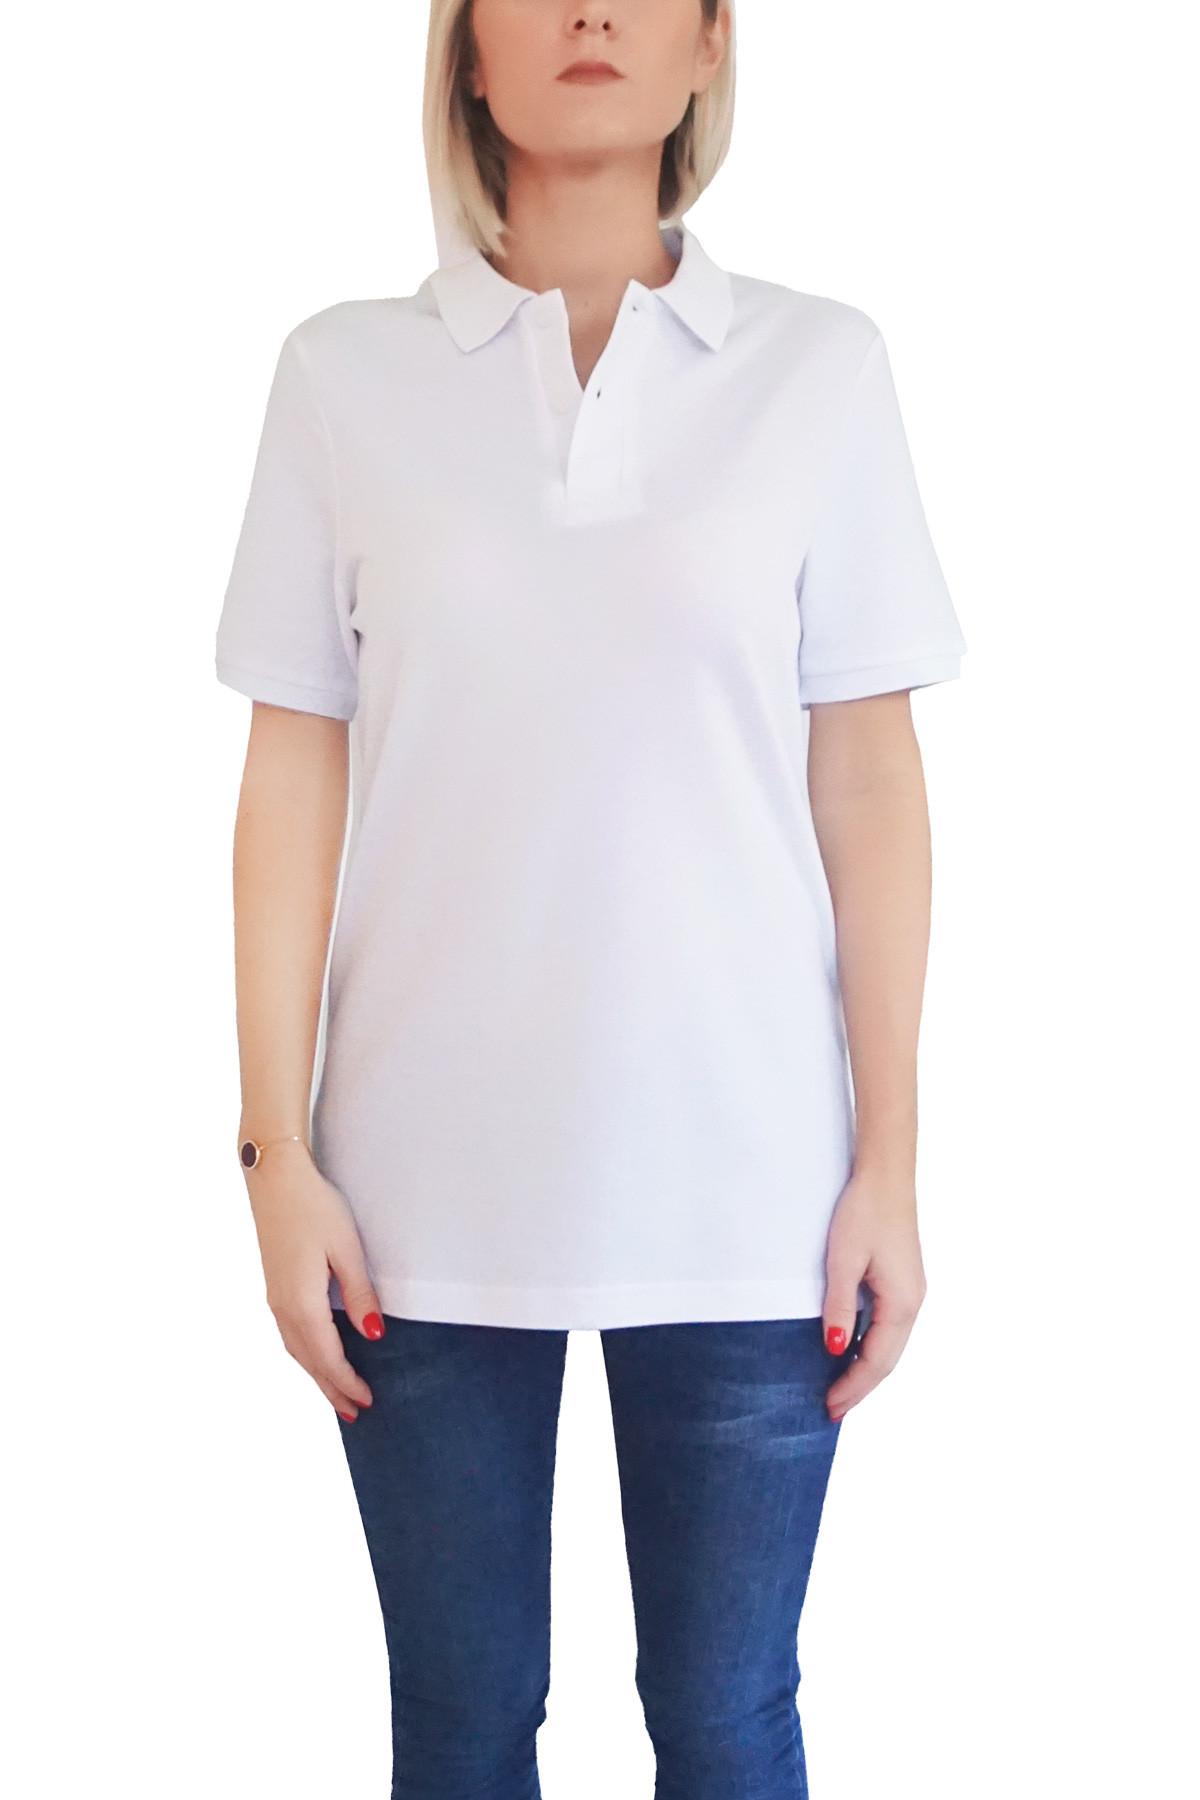 MOF Kadın Beyaz T-Shirt POLO-F-B 1